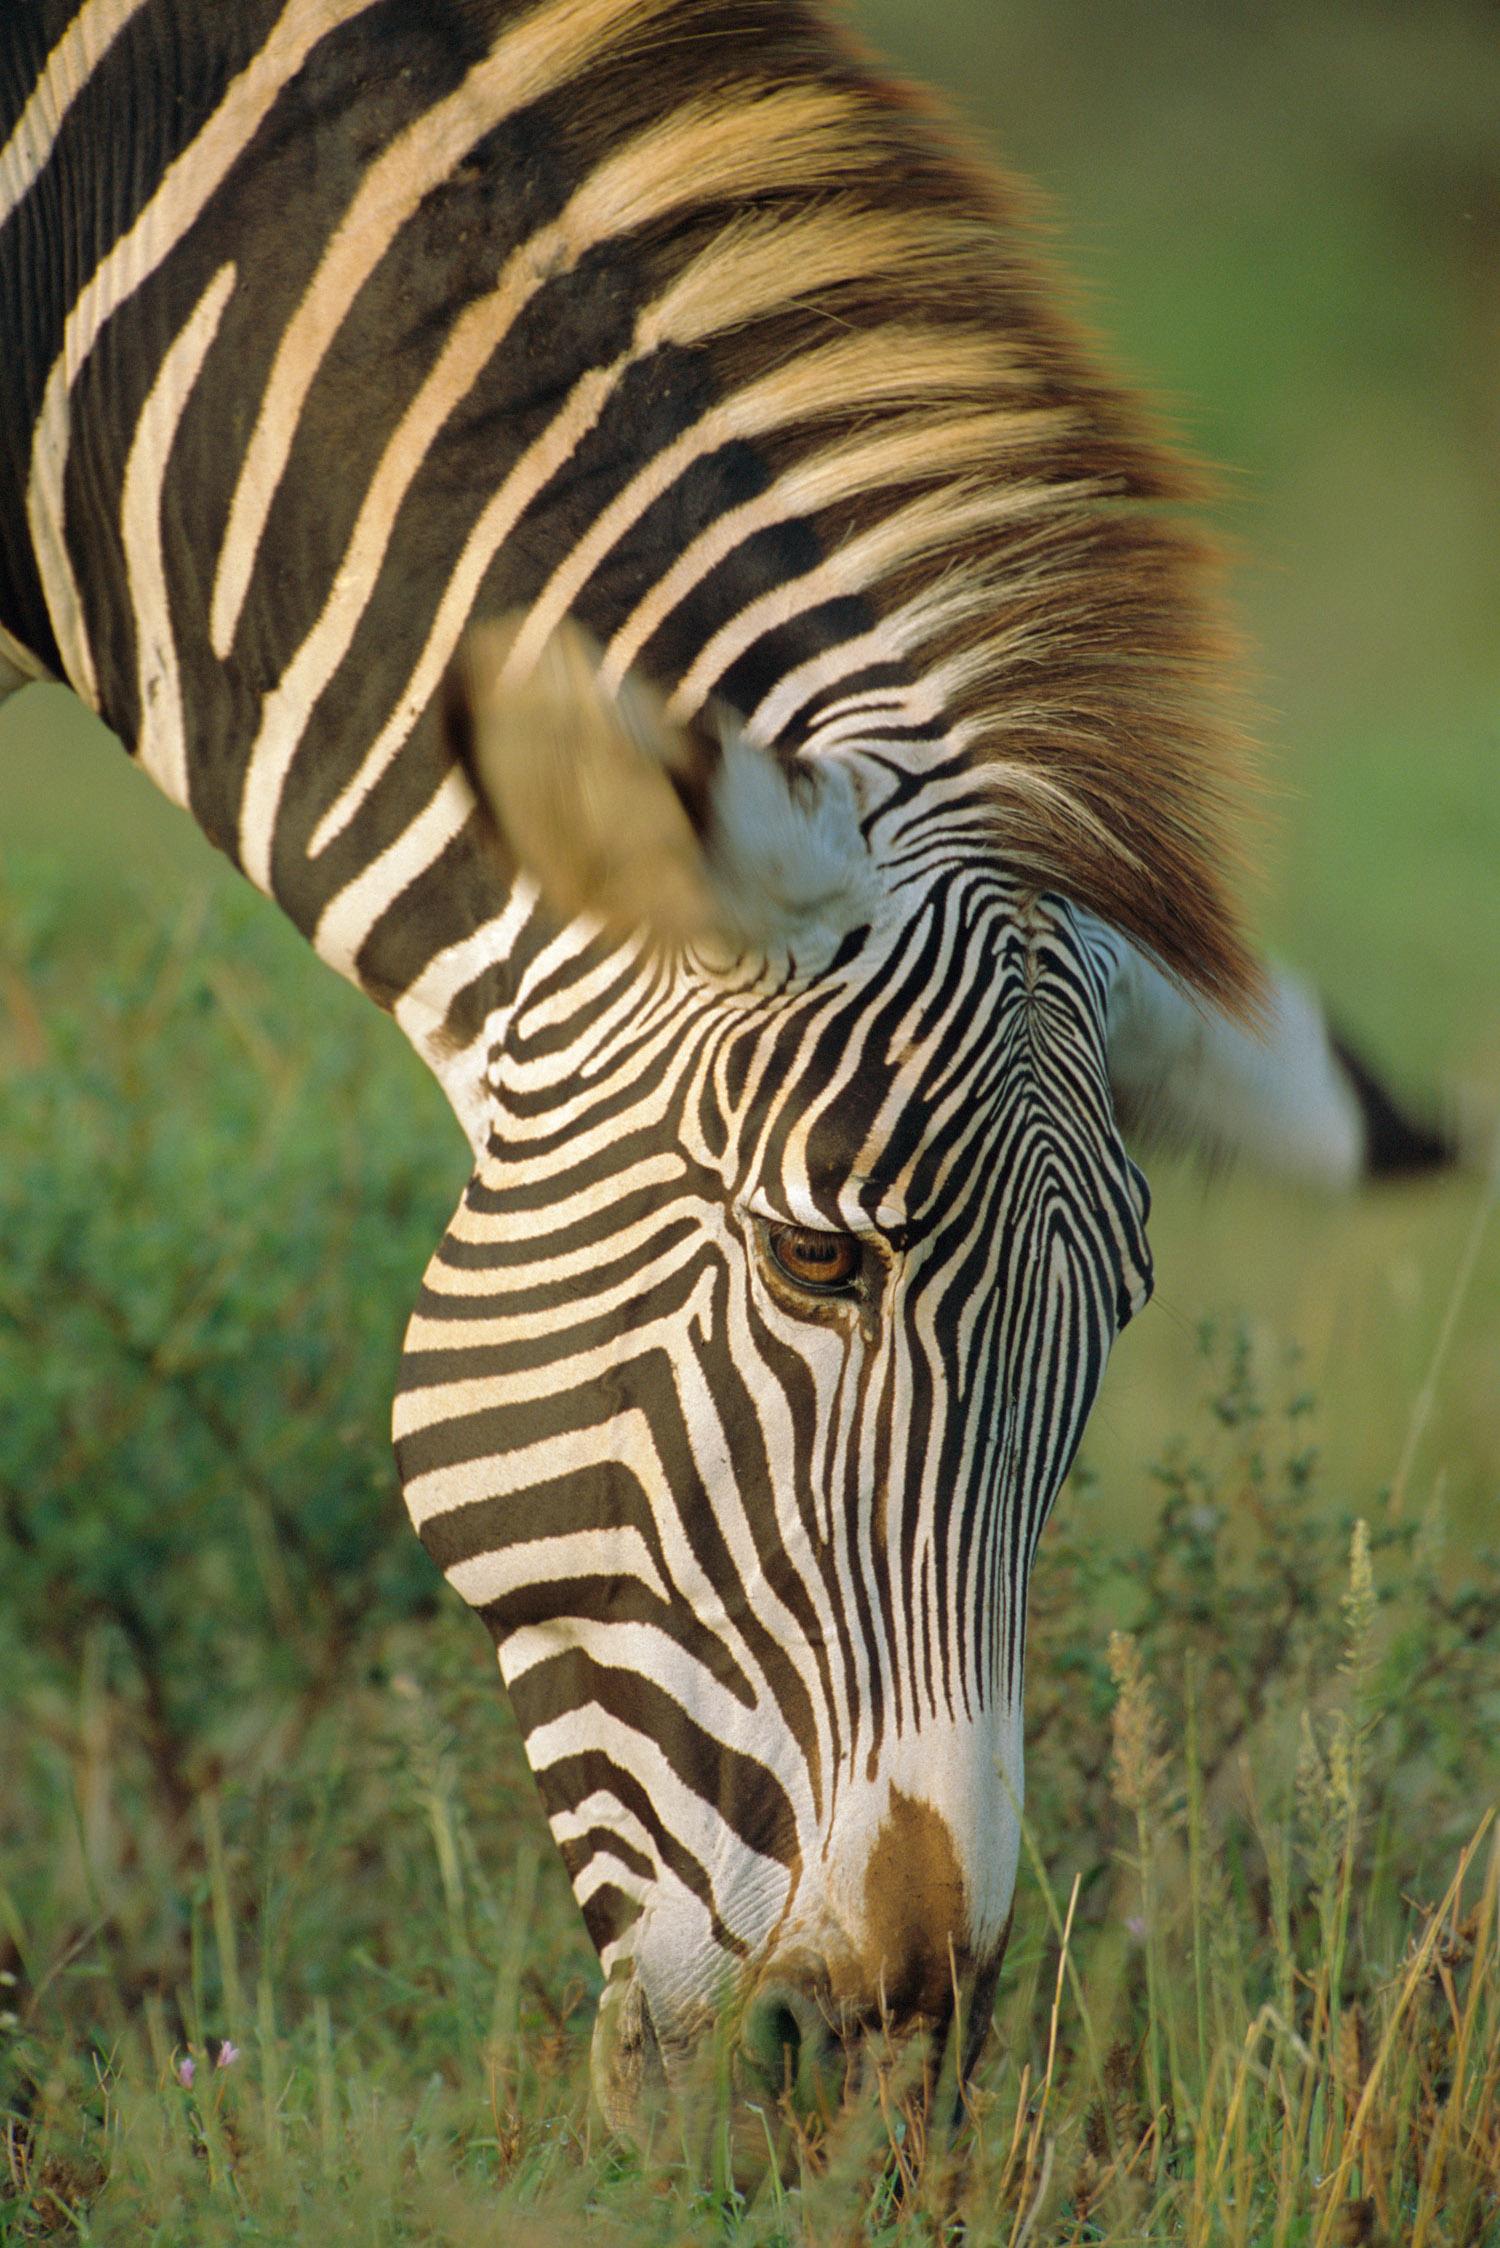 Grevy's zebra grazing, Samburu National Reserve, Kenya